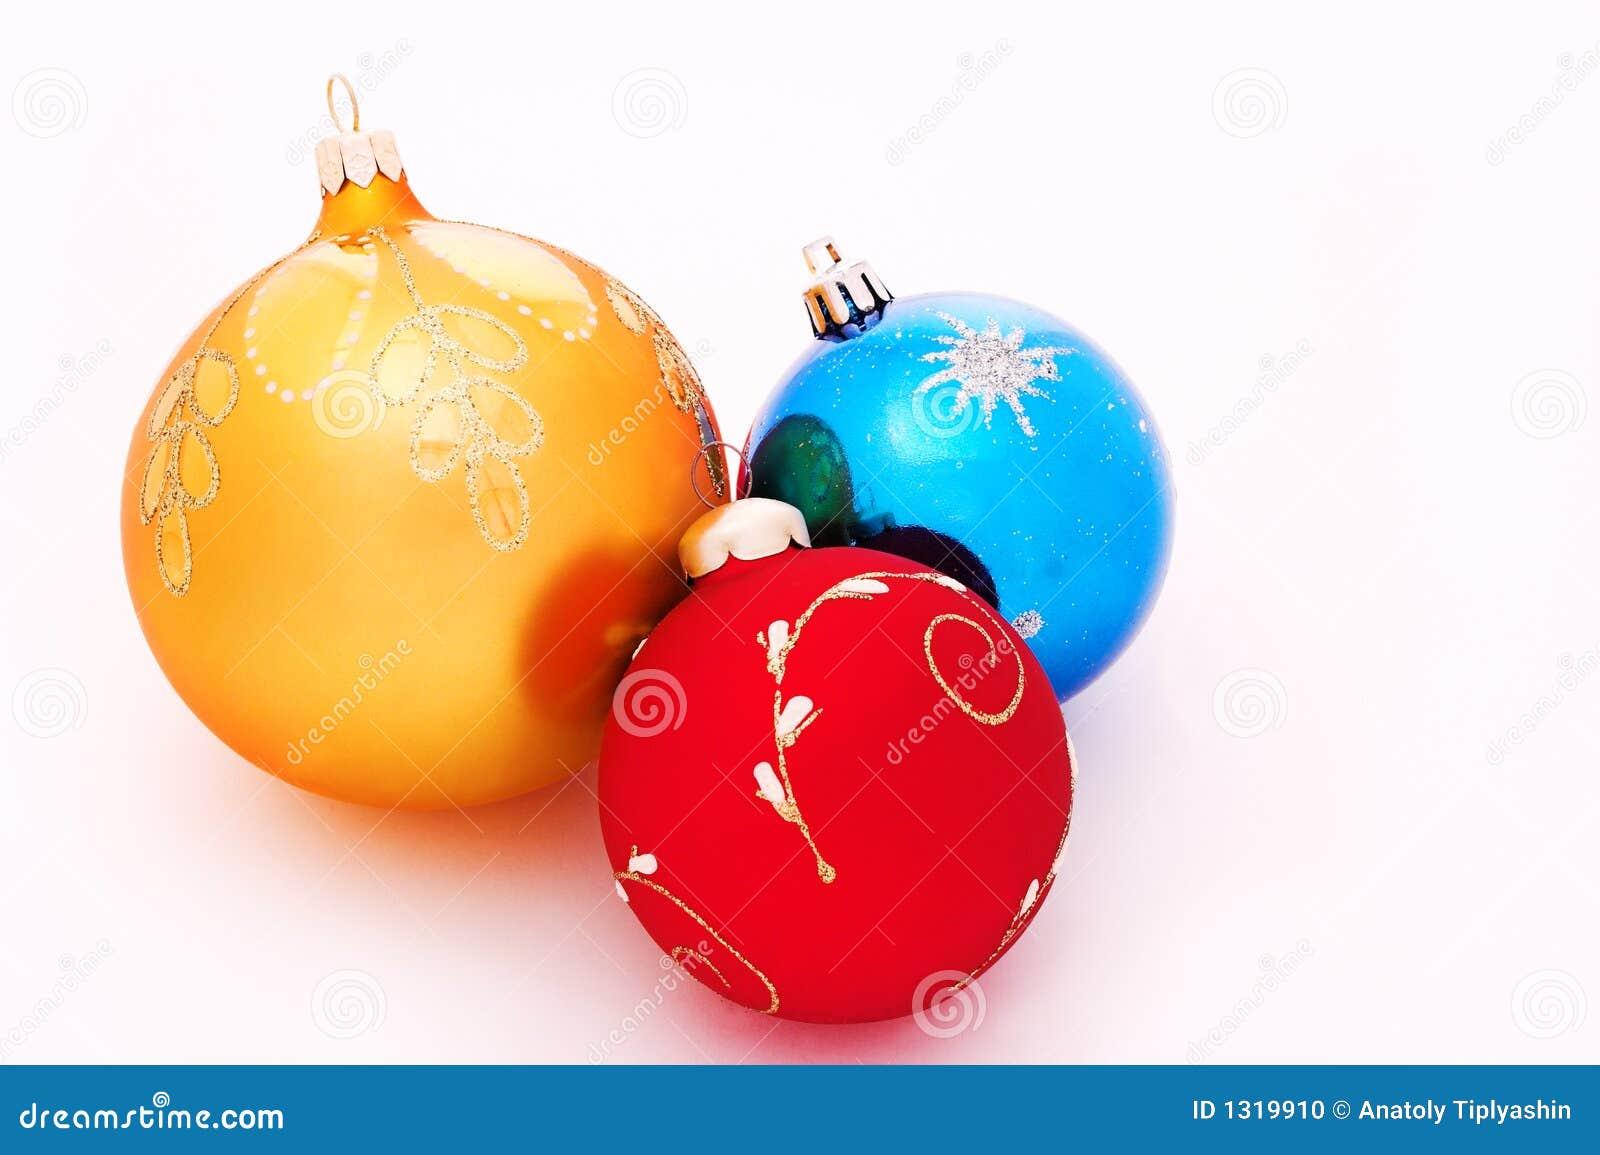 weihnachten baum dekorationkugeln stockfoto bild 1319910. Black Bedroom Furniture Sets. Home Design Ideas